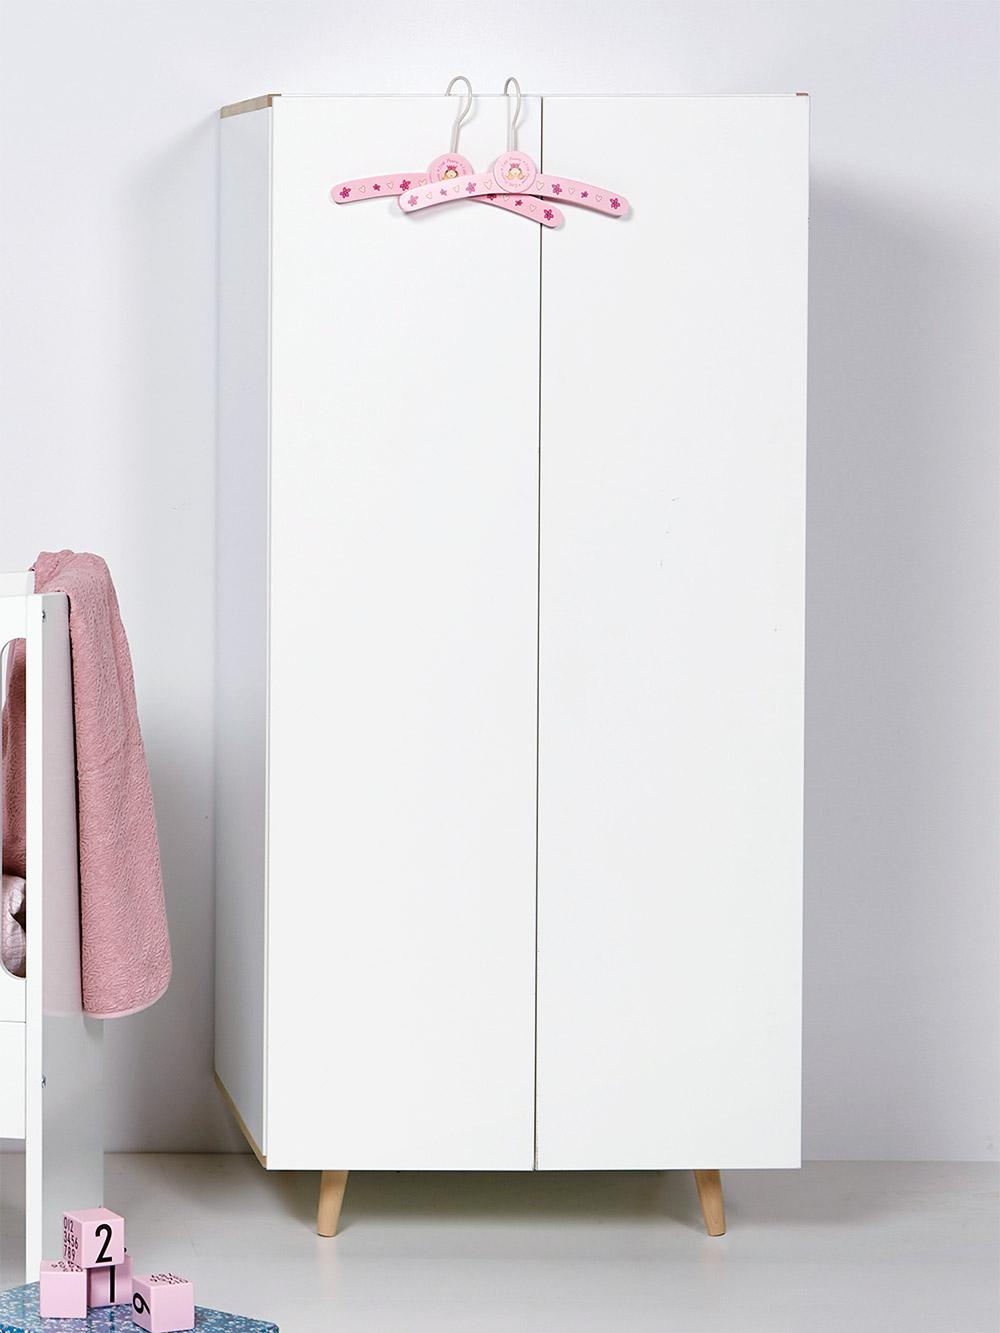 Niedriger Kleiderschrank für Babykleidung - Kids Town Retro